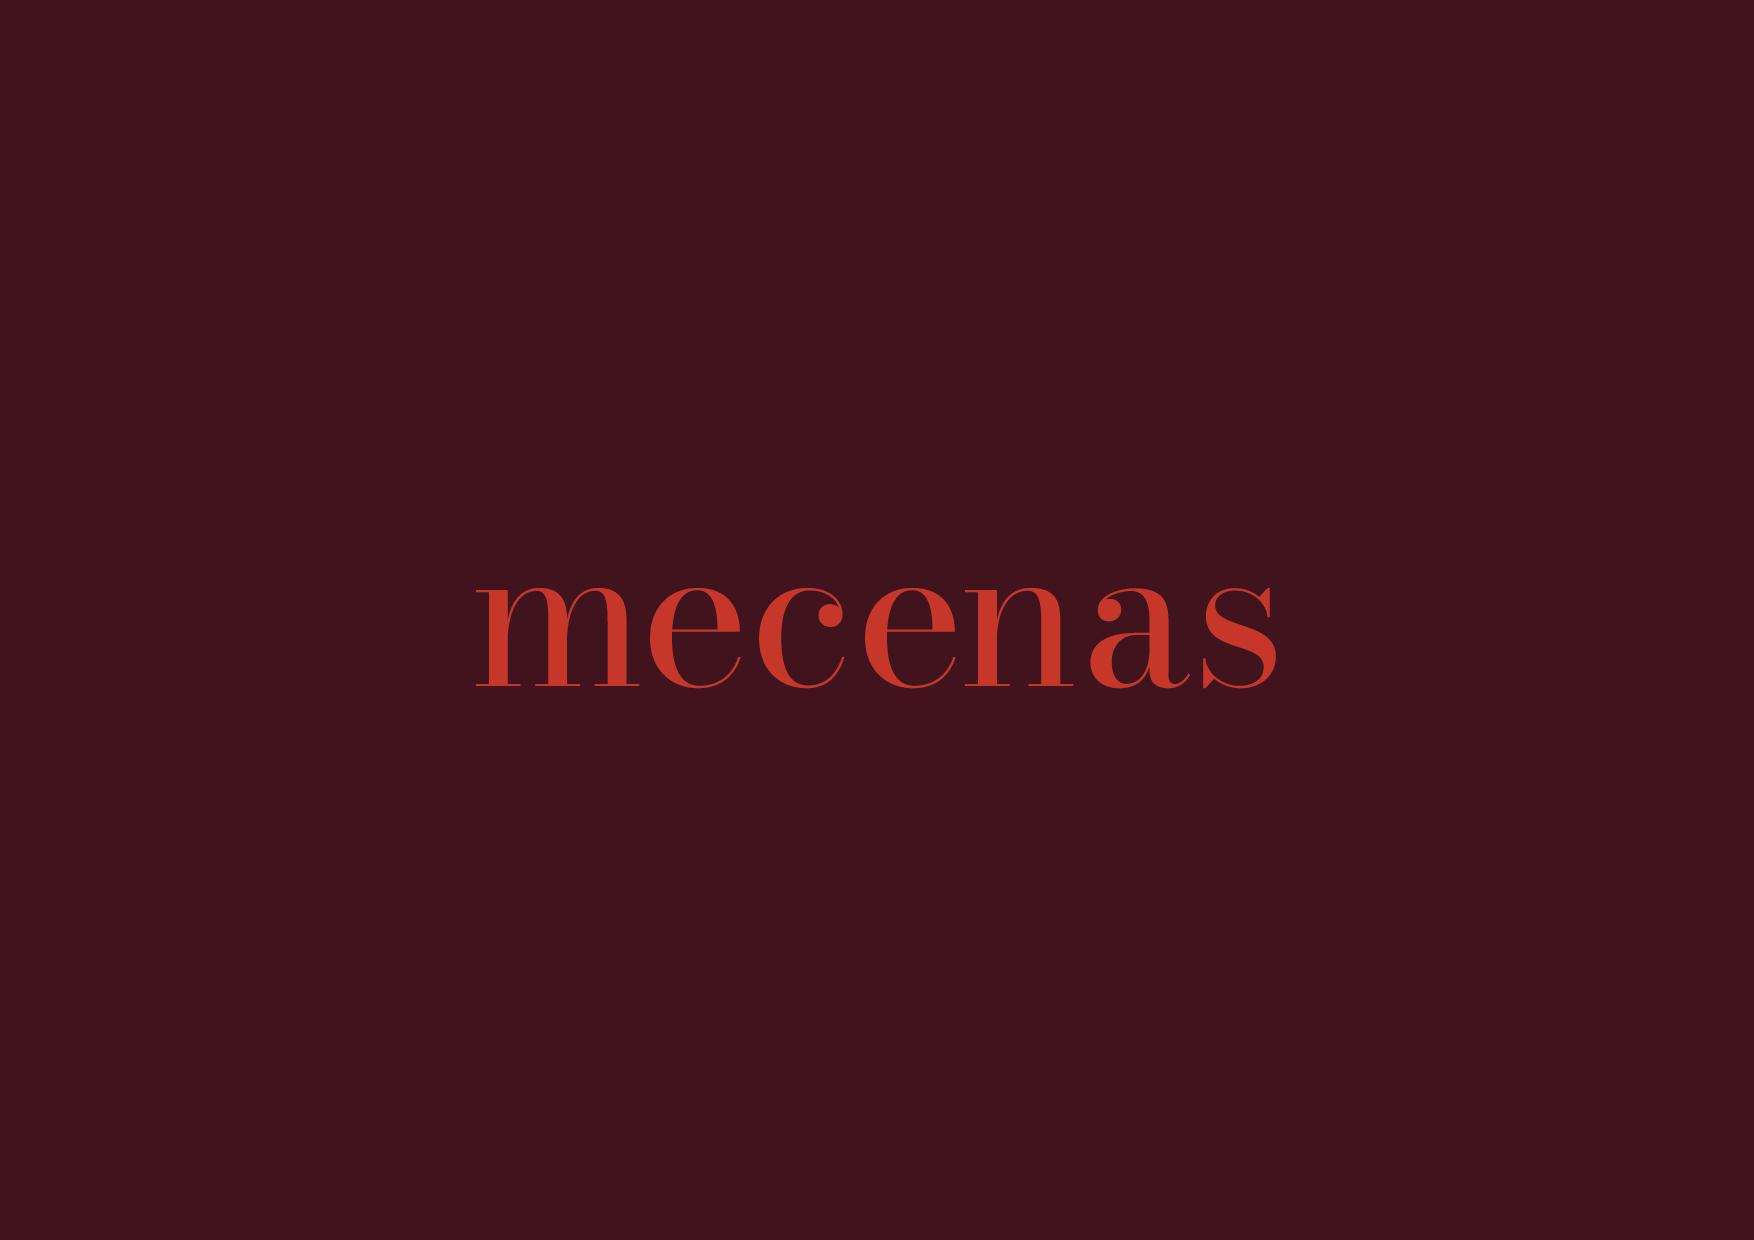 Mecenas Development Guide FINAL DRAFT